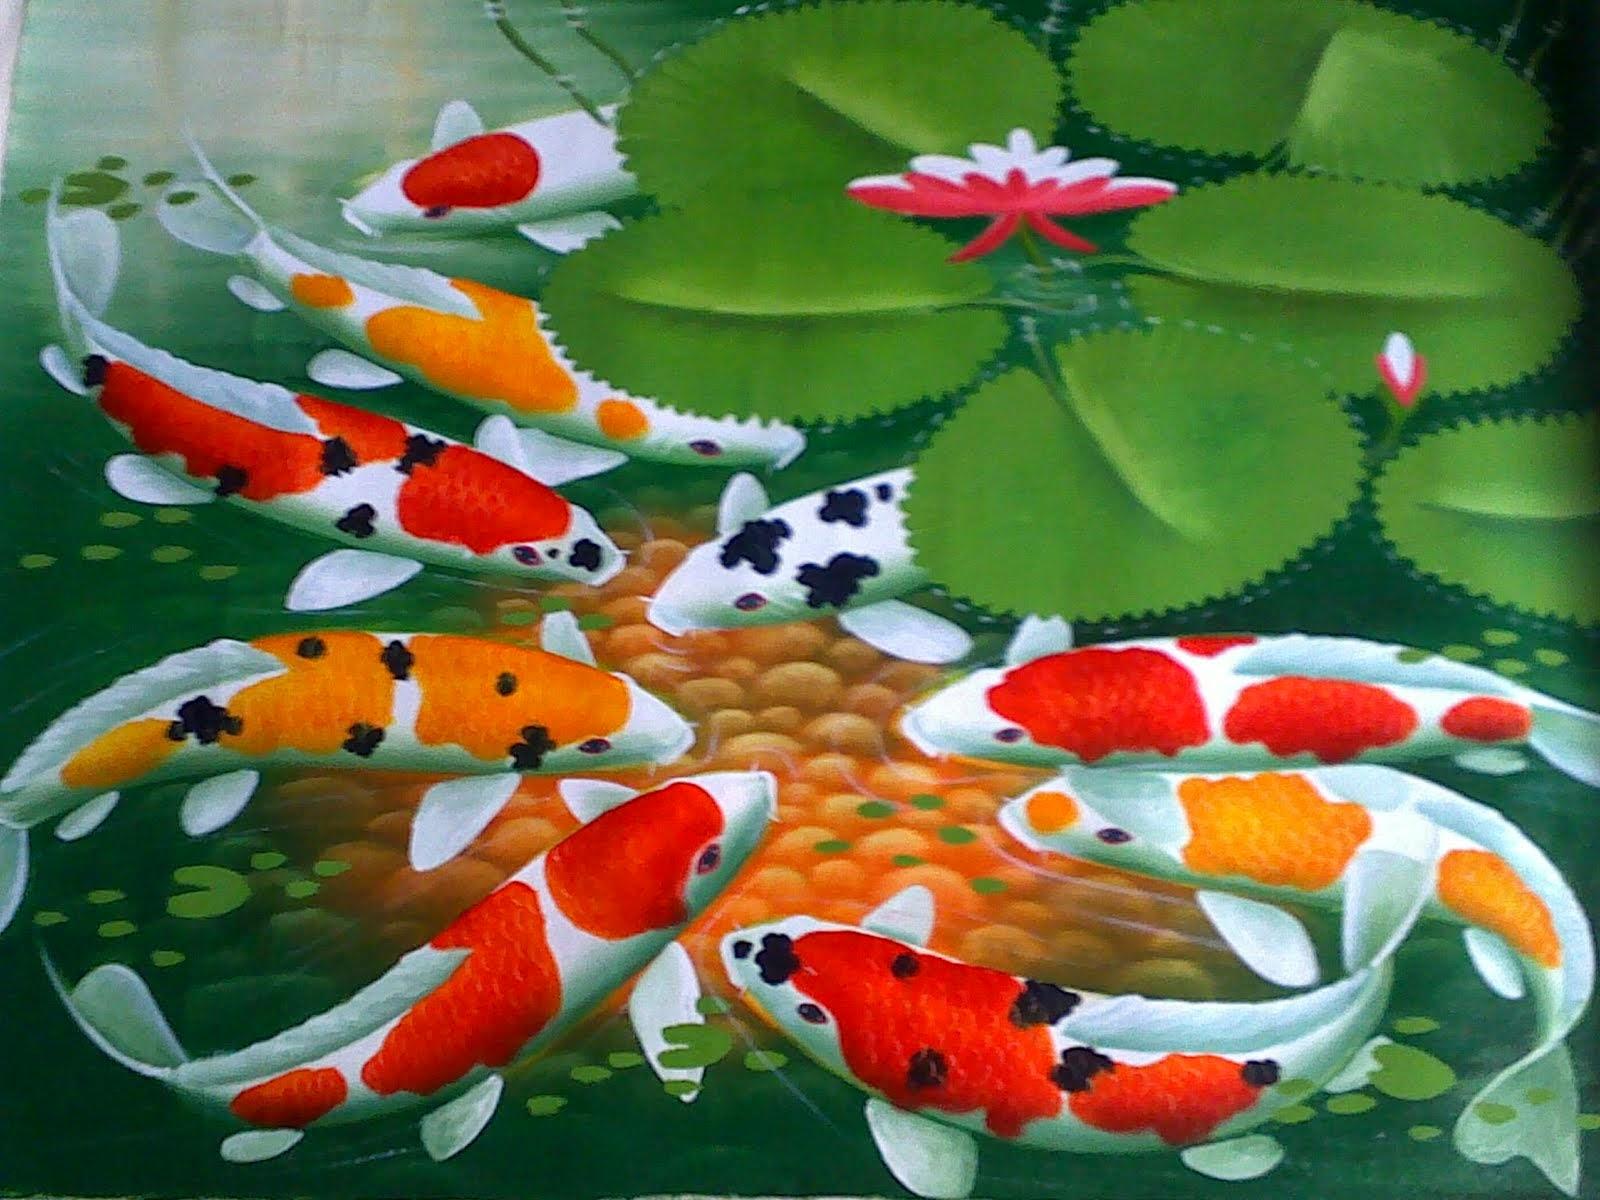 Aneka Macam Bisnis Rumahan Budidaya Ikan Menjanjikan Modal Kecil